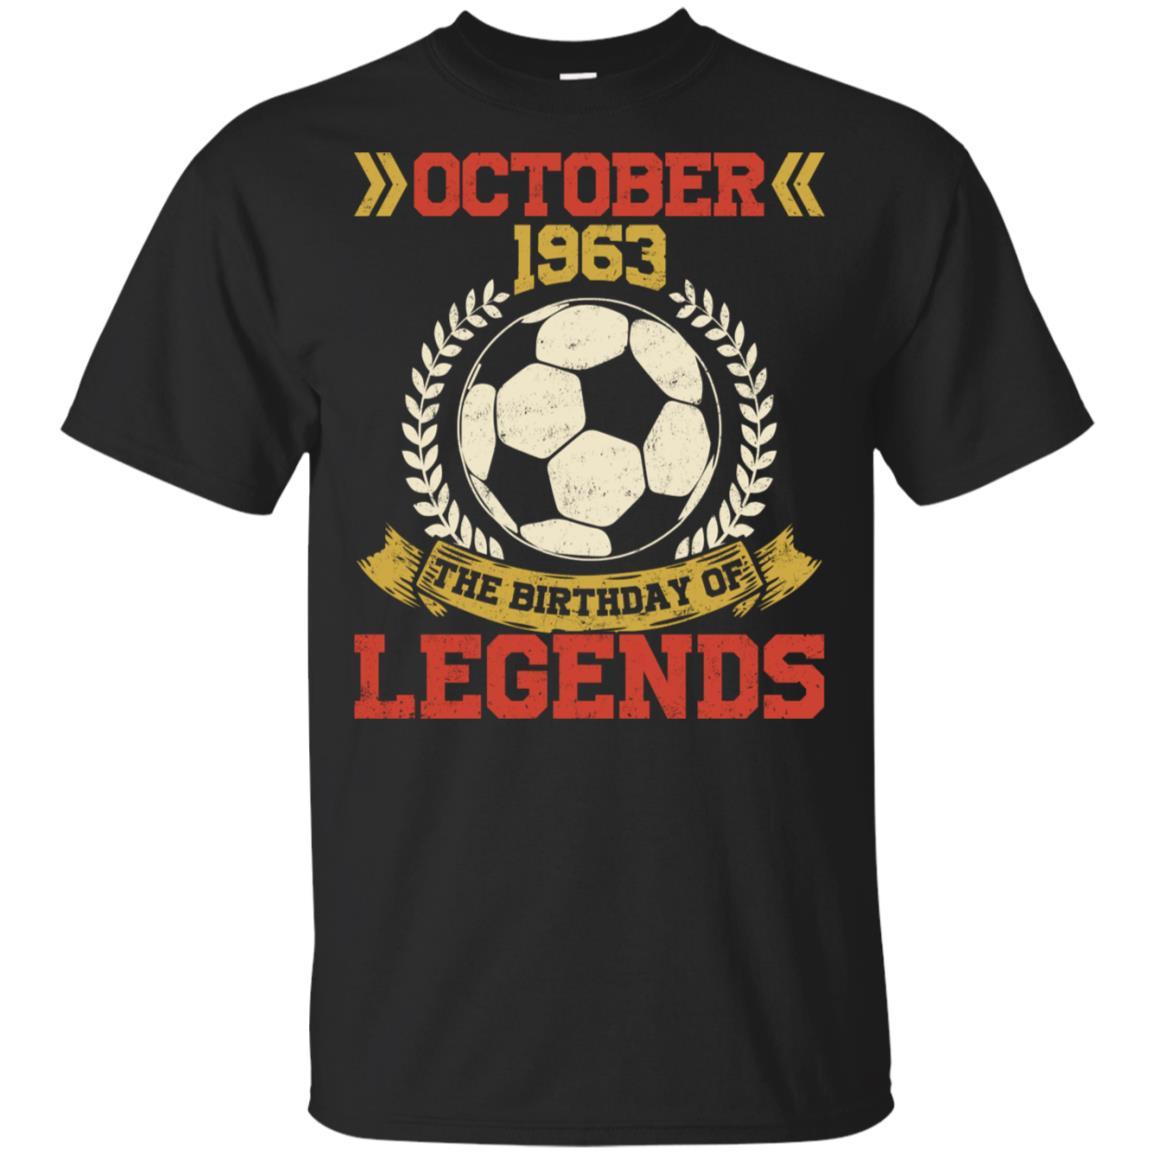 1963 October 55th Birthday Of Football Soccer Legend Unisex Short Sleeve